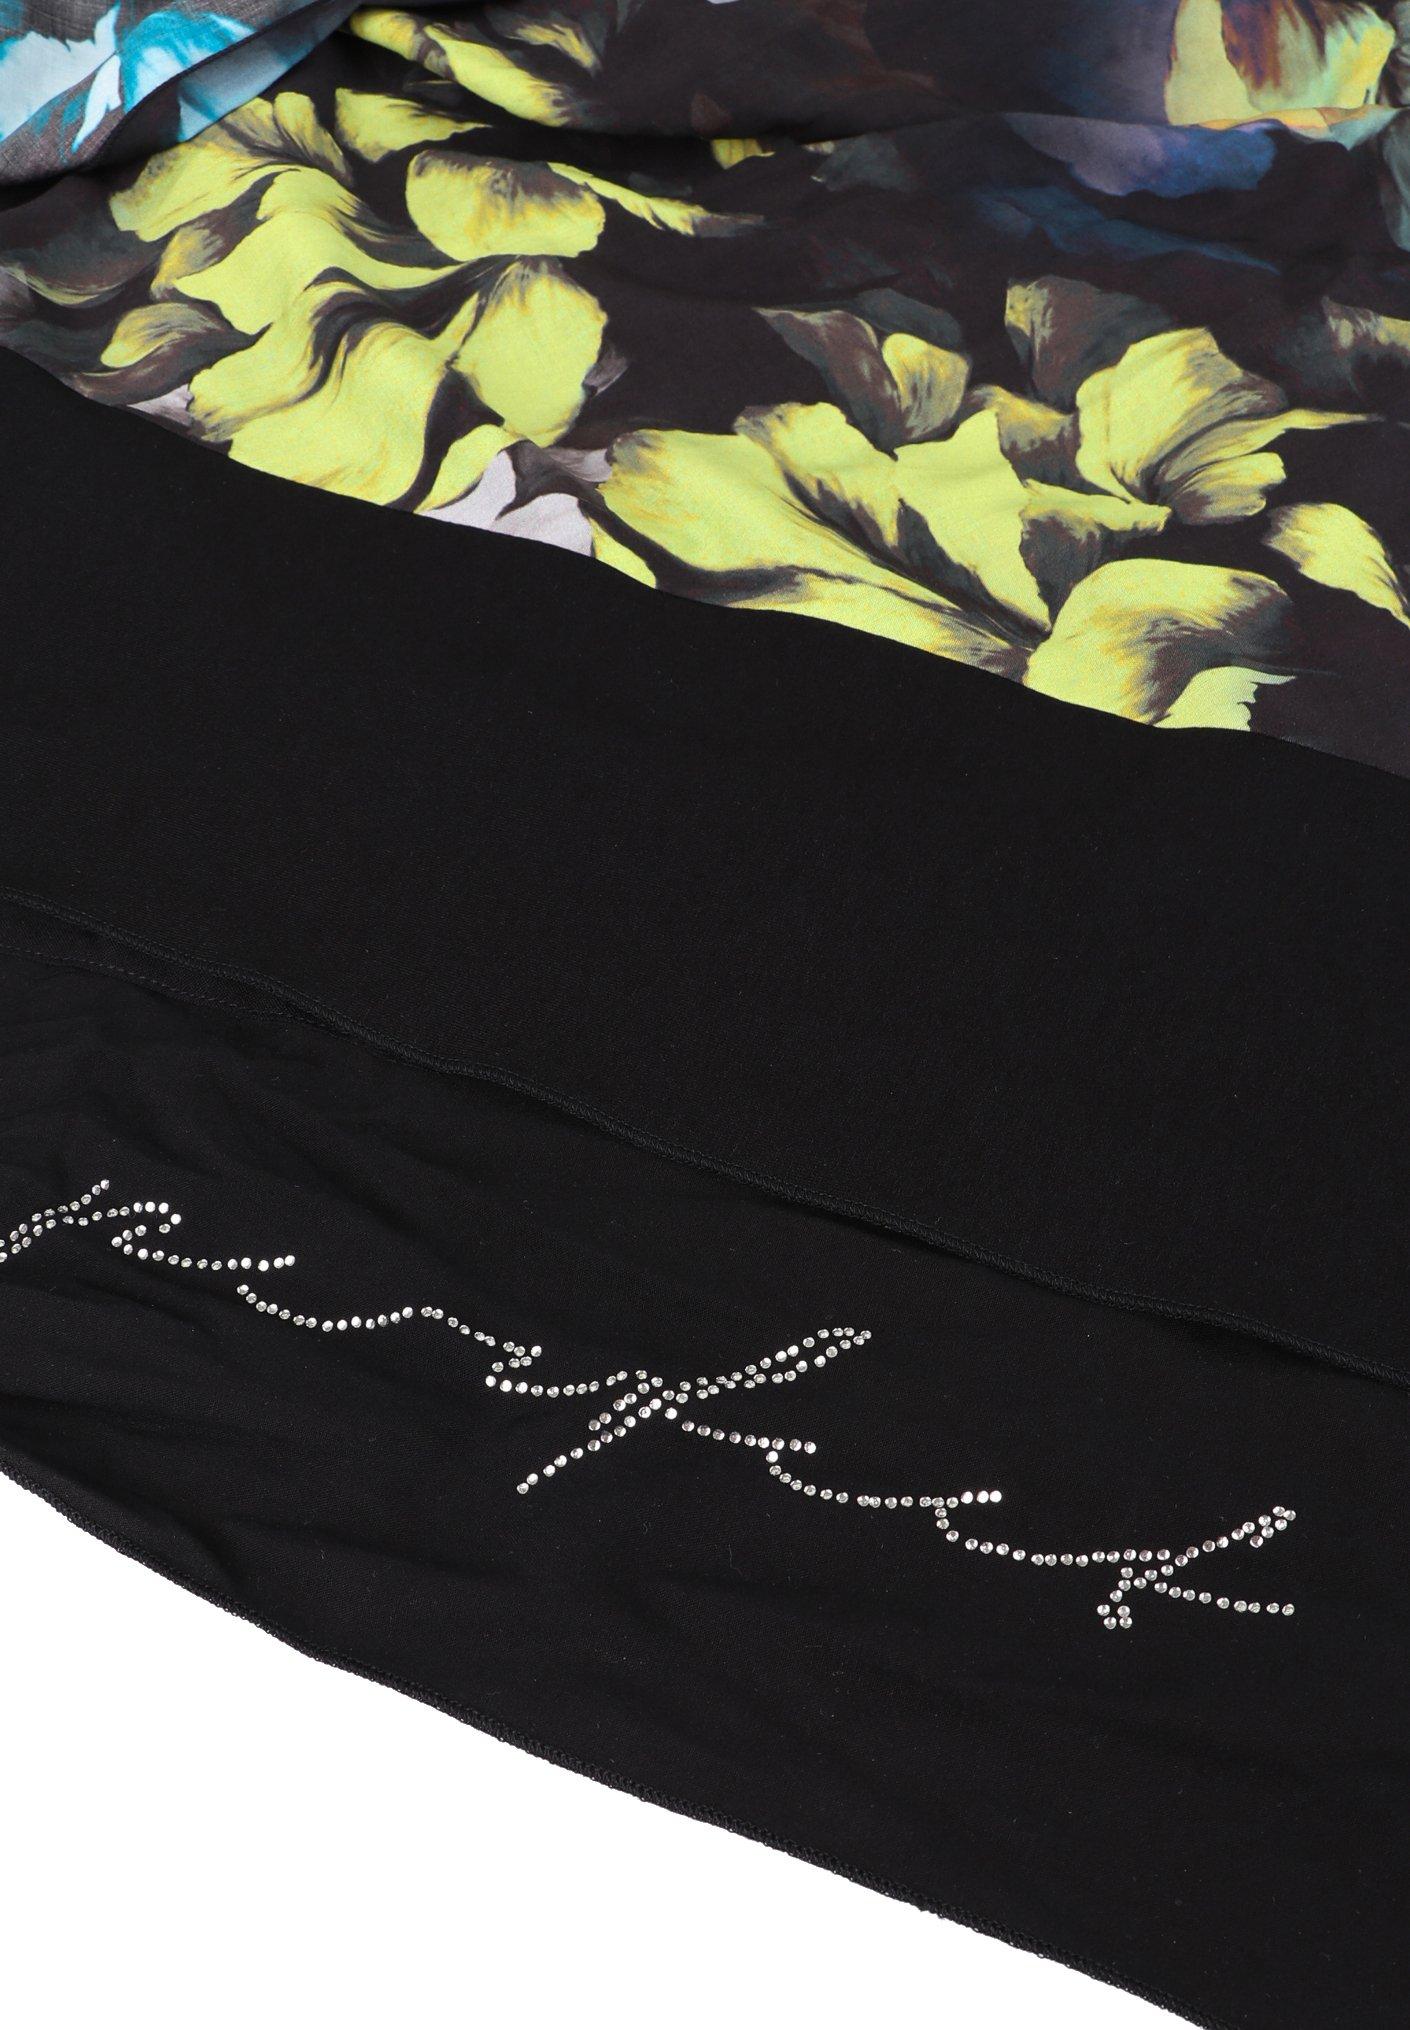 Doris Streich Mit Floralem Muster - Schal Petrol